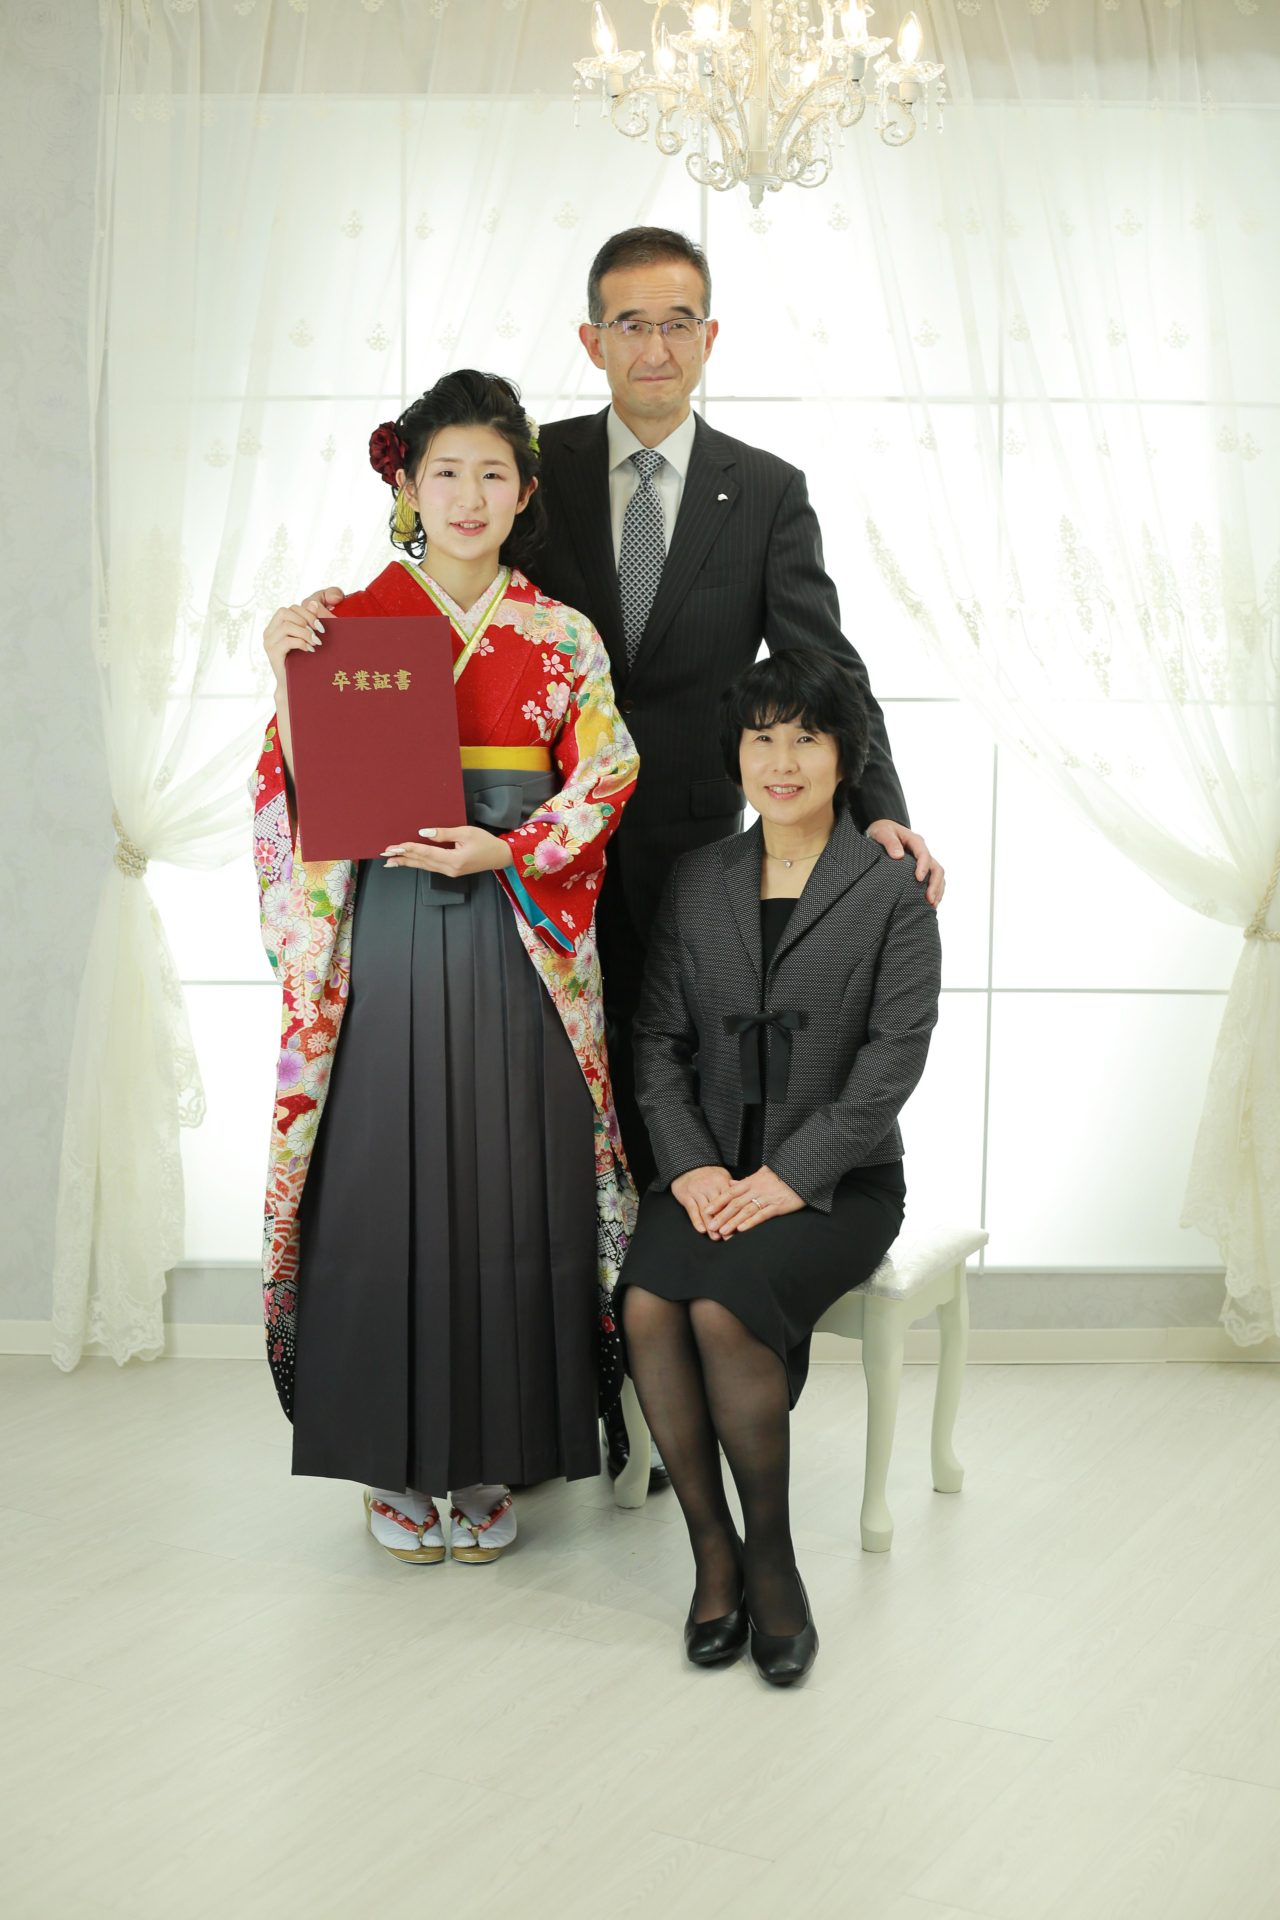 家族揃ってお祝いフォト♡卒業写真【可児市】